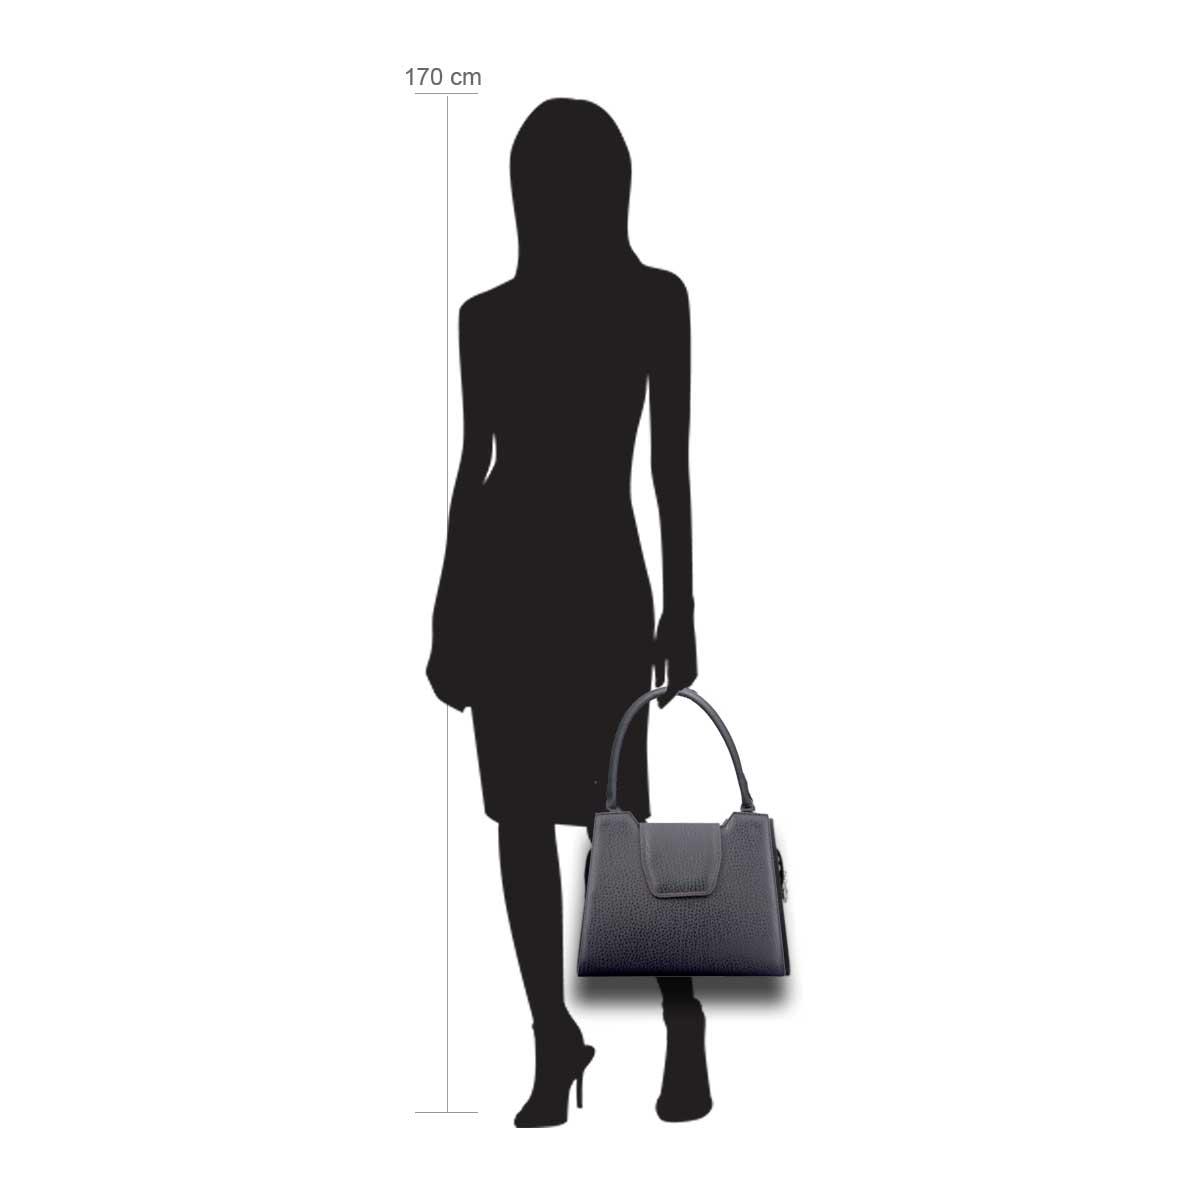 Modellpuppe 170 cm groß zeigt die Handtaschengröße an der Person Modell: Cancun